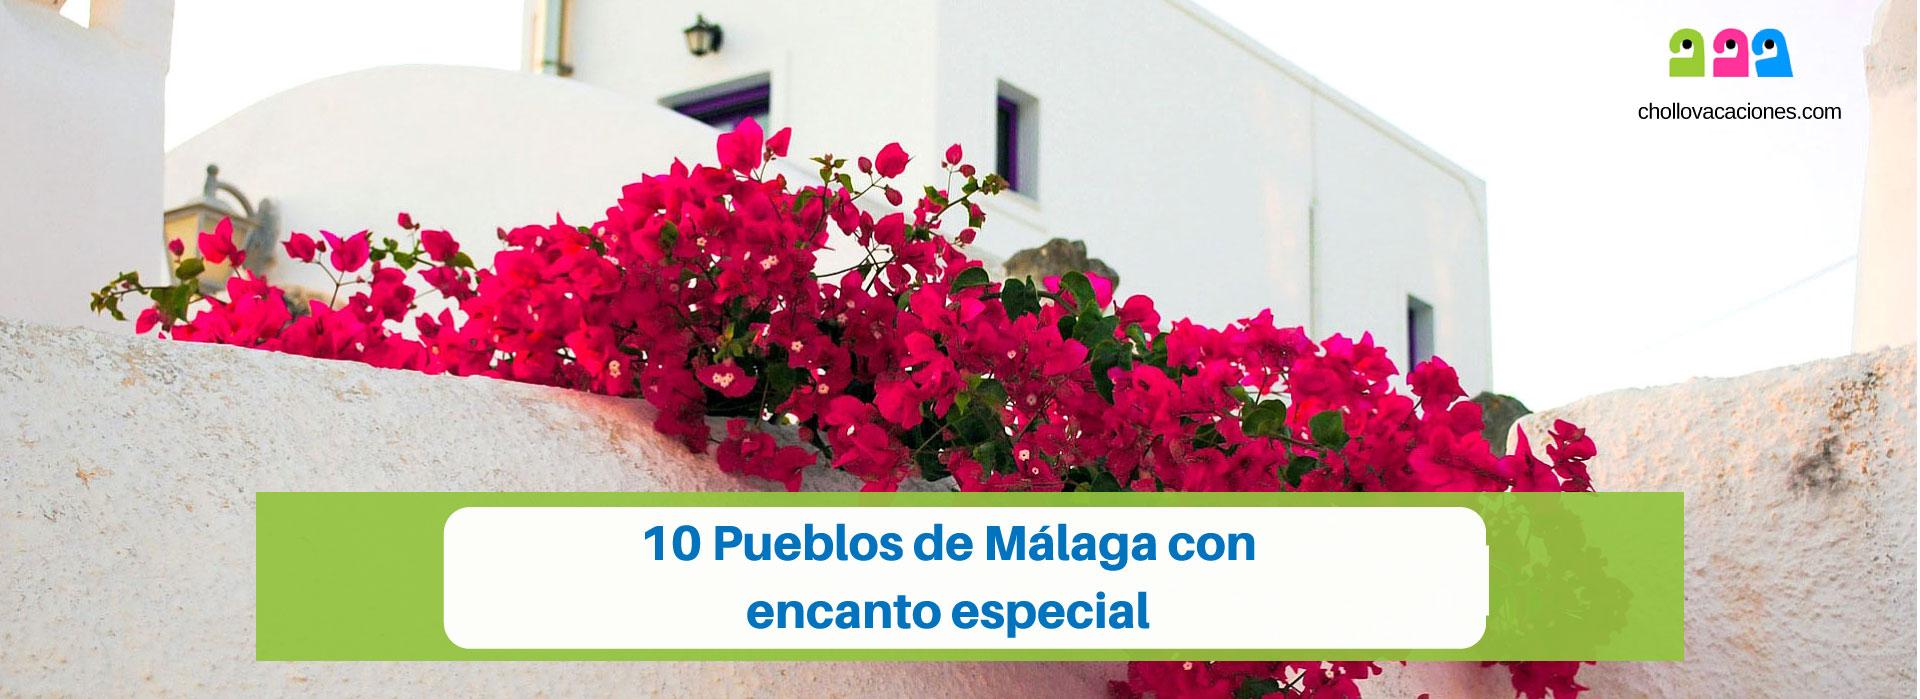 10 Pueblos de Málaga con encanto especial